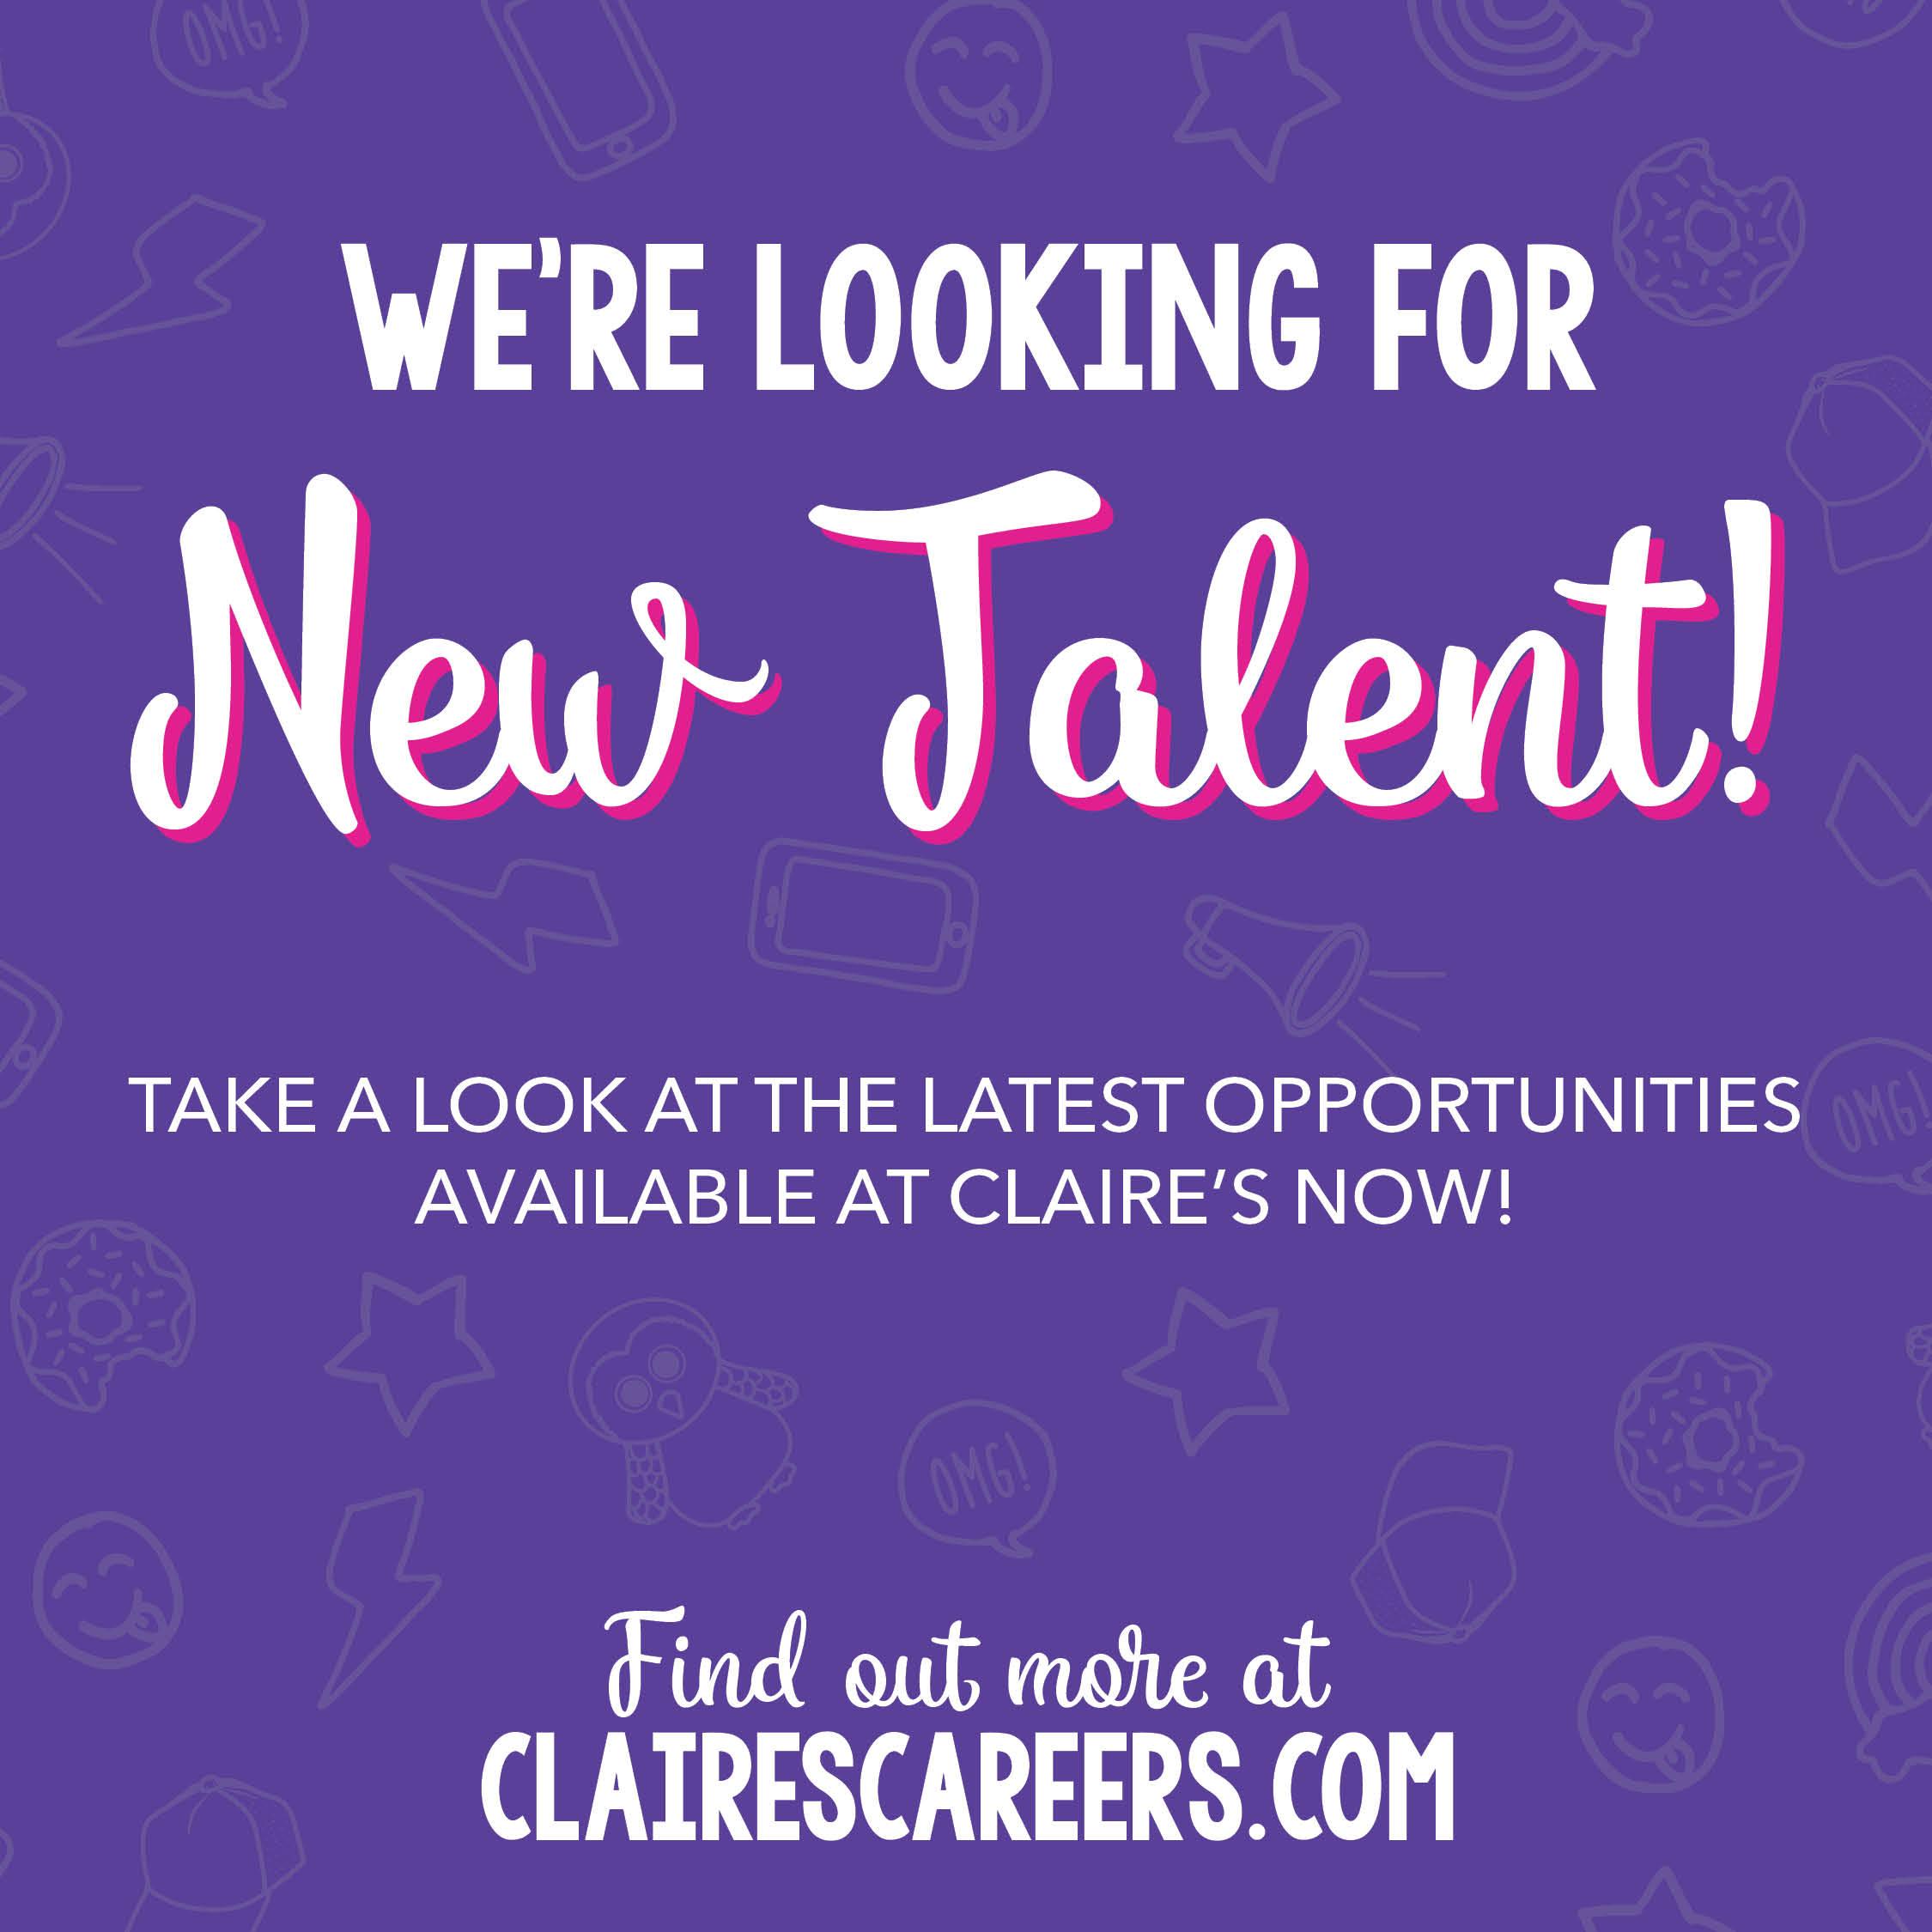 Claire's Jobs